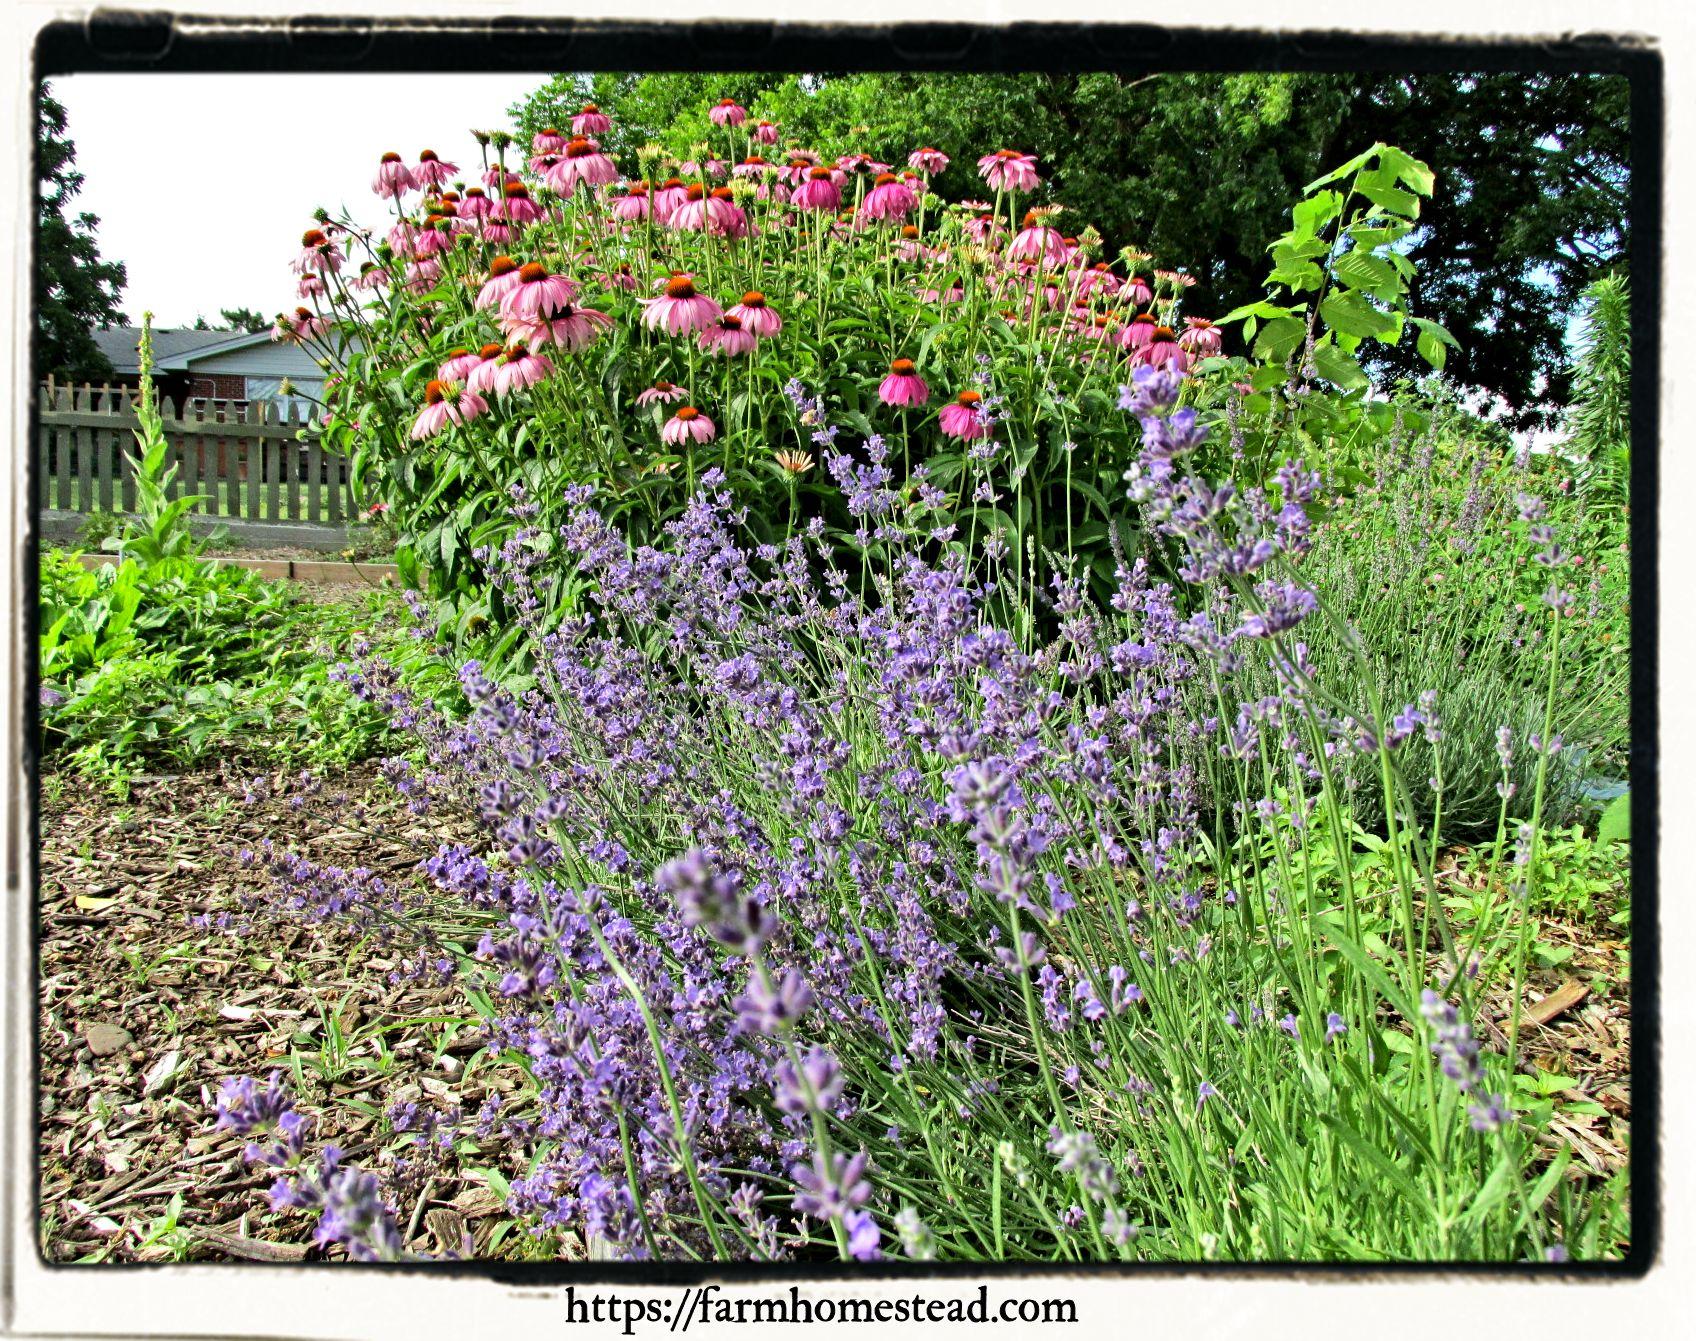 Beginner Tips for Starting an Herb Garden